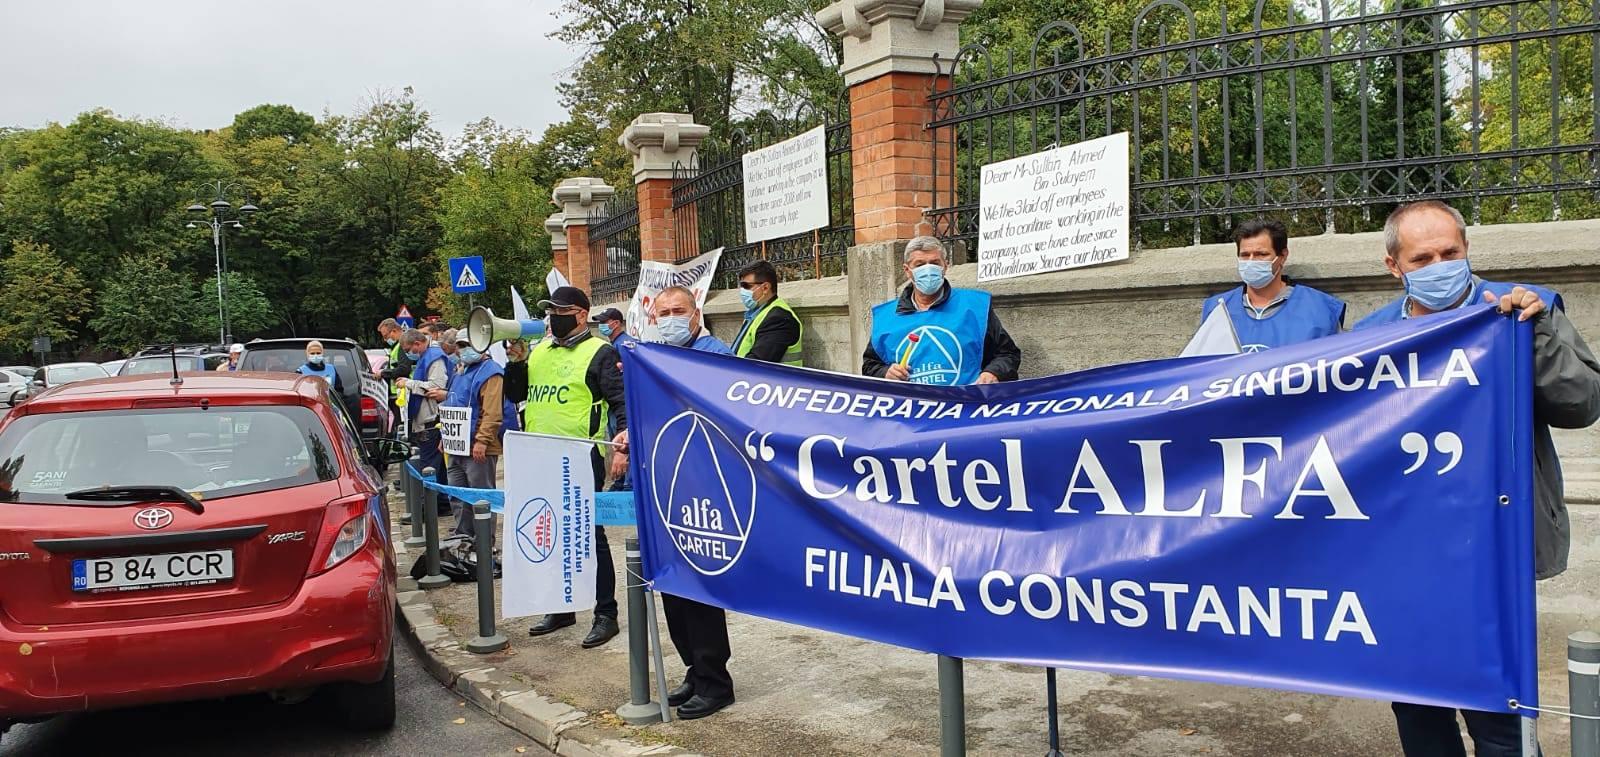 cartel alfa constanta protest